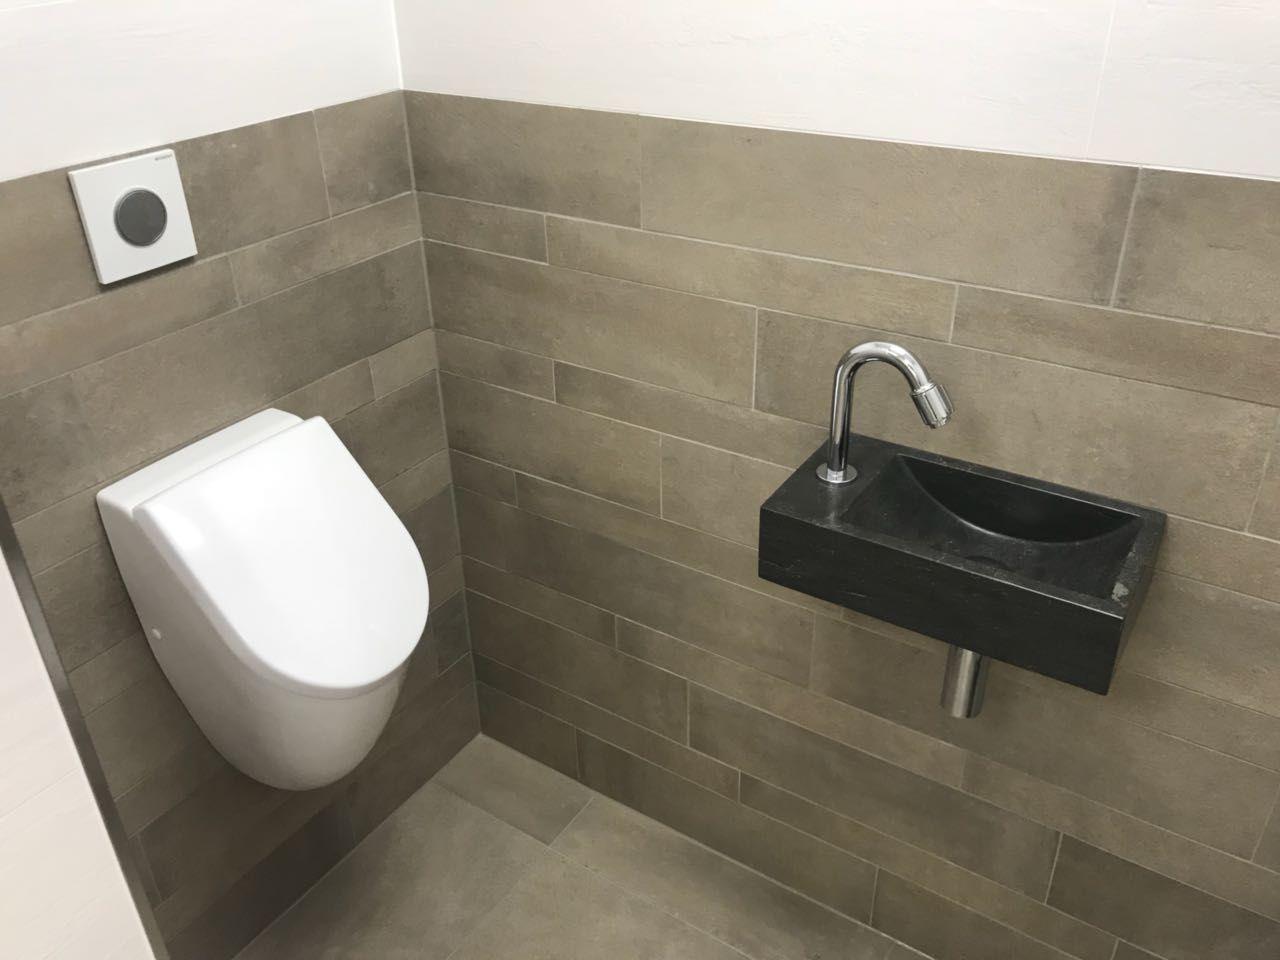 Pin Von Franke Raumwert Auf Architecture Interior In 2020 Gaste Wc Kleine Fliesen Urinale